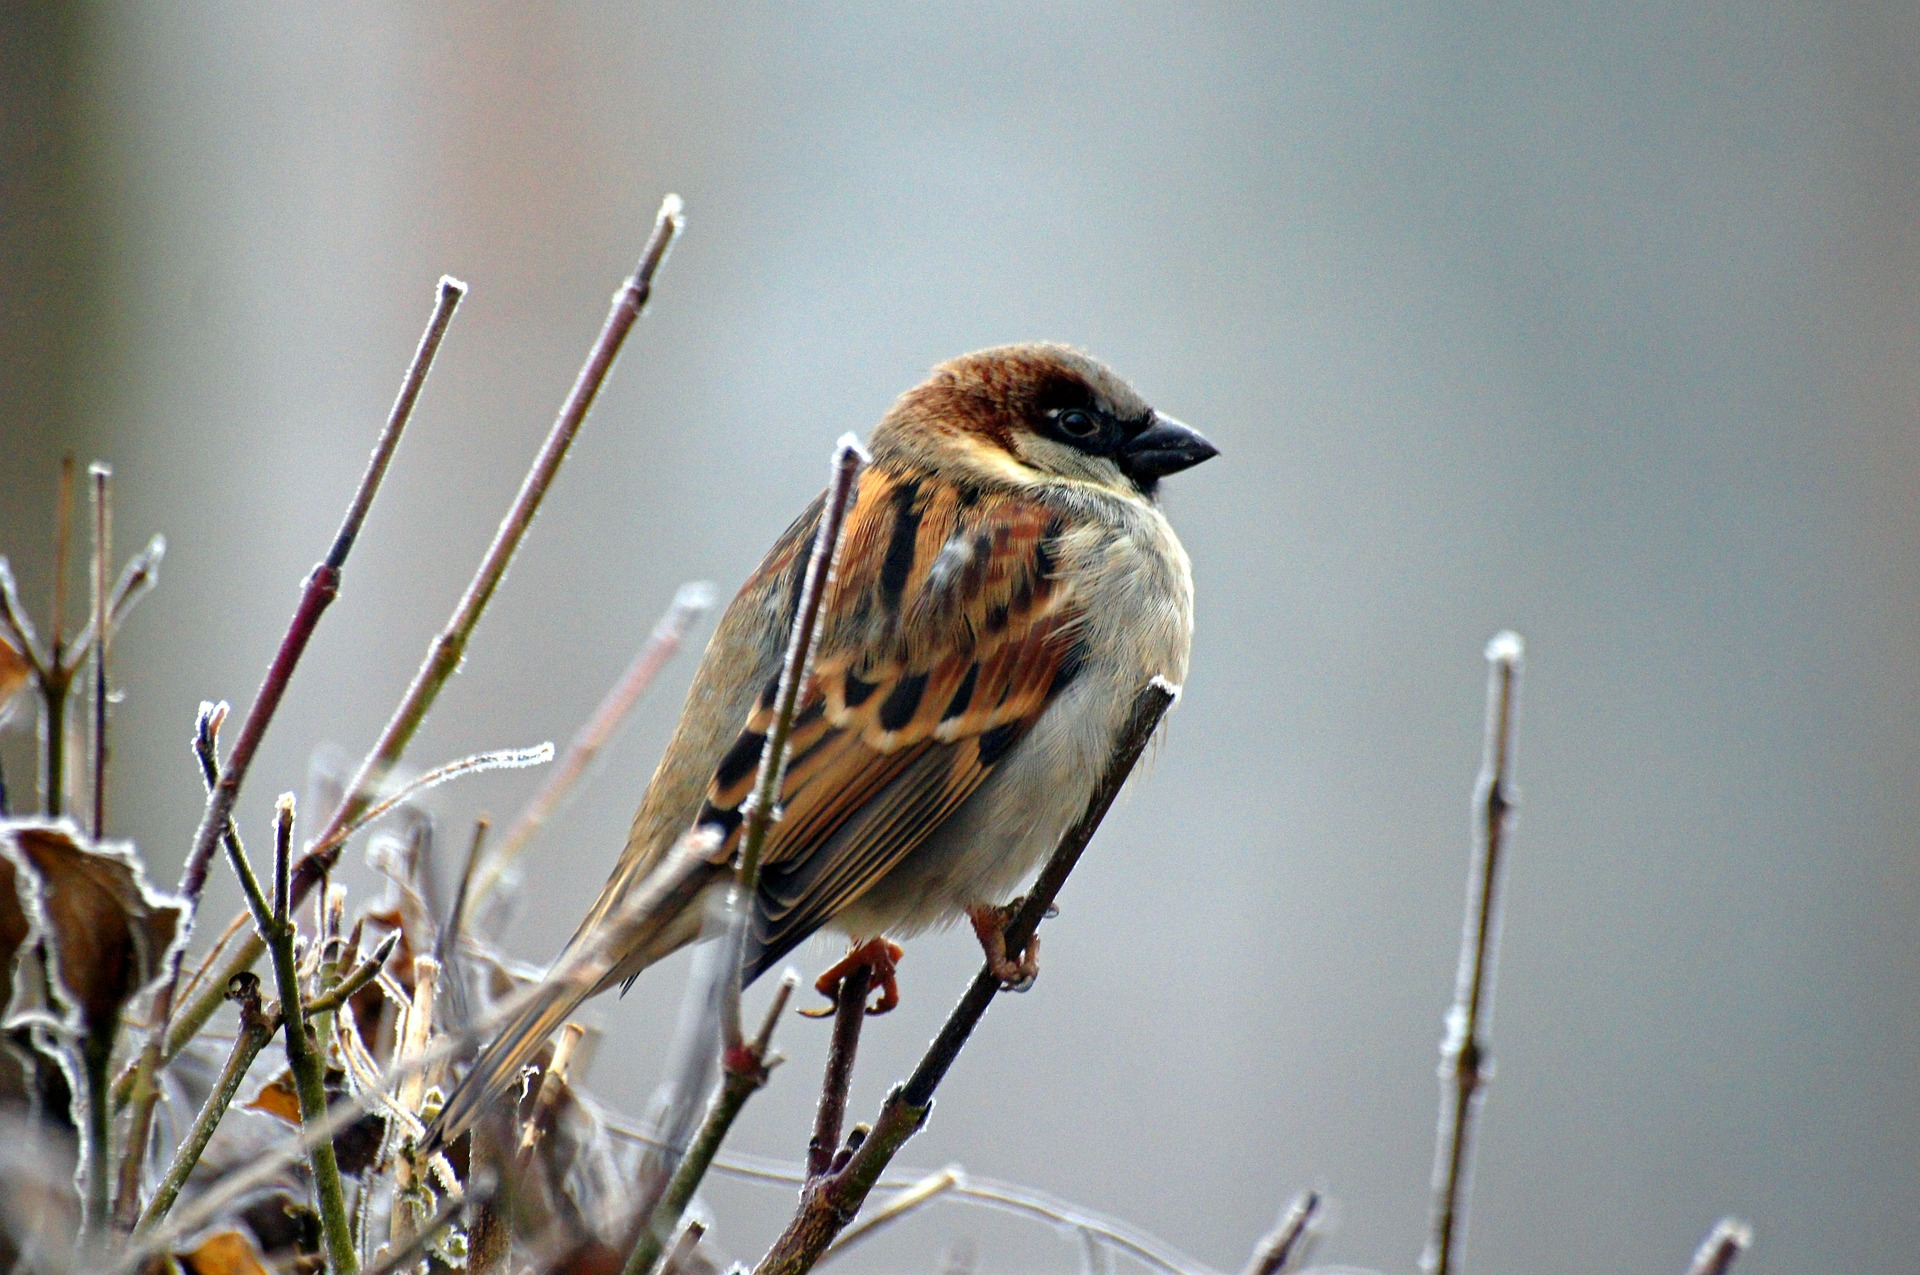 sparrow-50346_1920.jpg